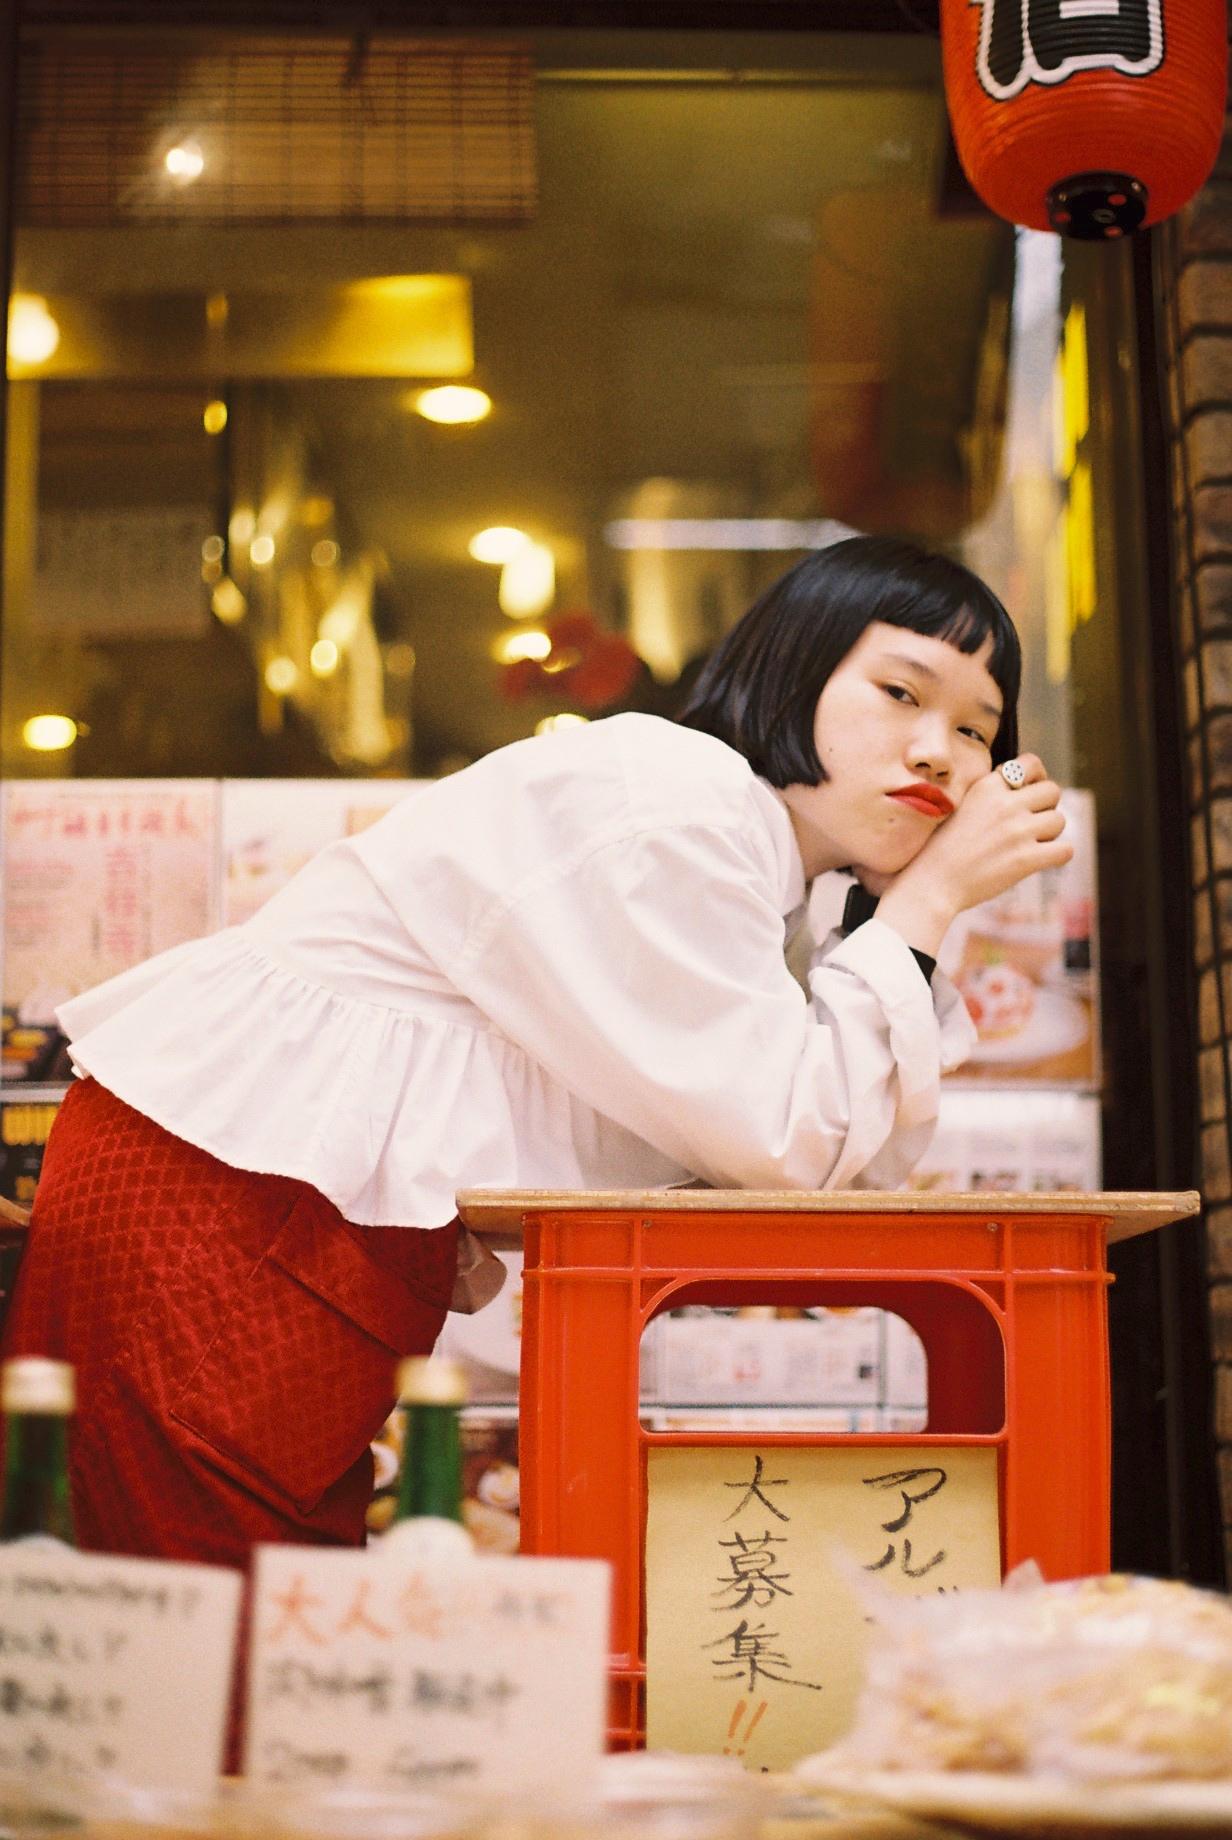 By Ayu Watanabe